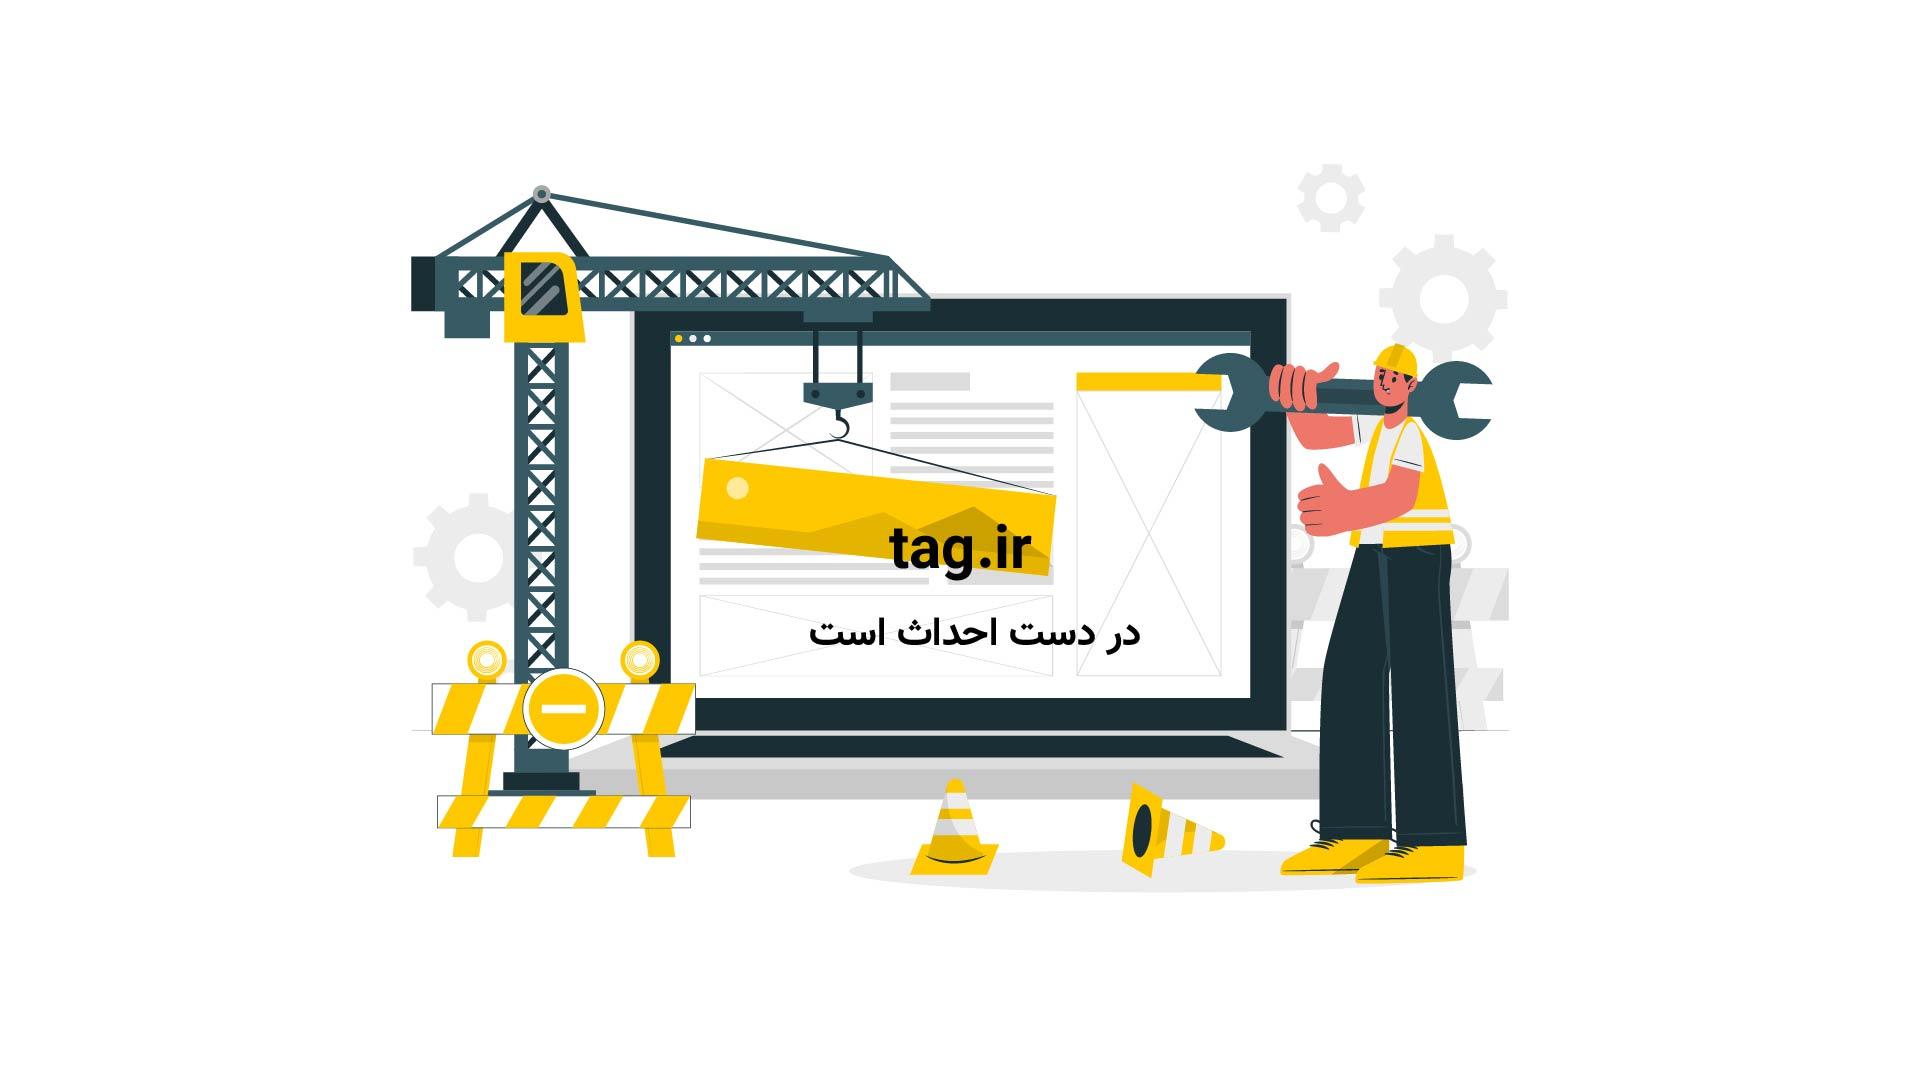 ادعاهای نادرستی که حسین شریعتمداری در مناظره دیشب تلویزیون مطرح کرد+سند